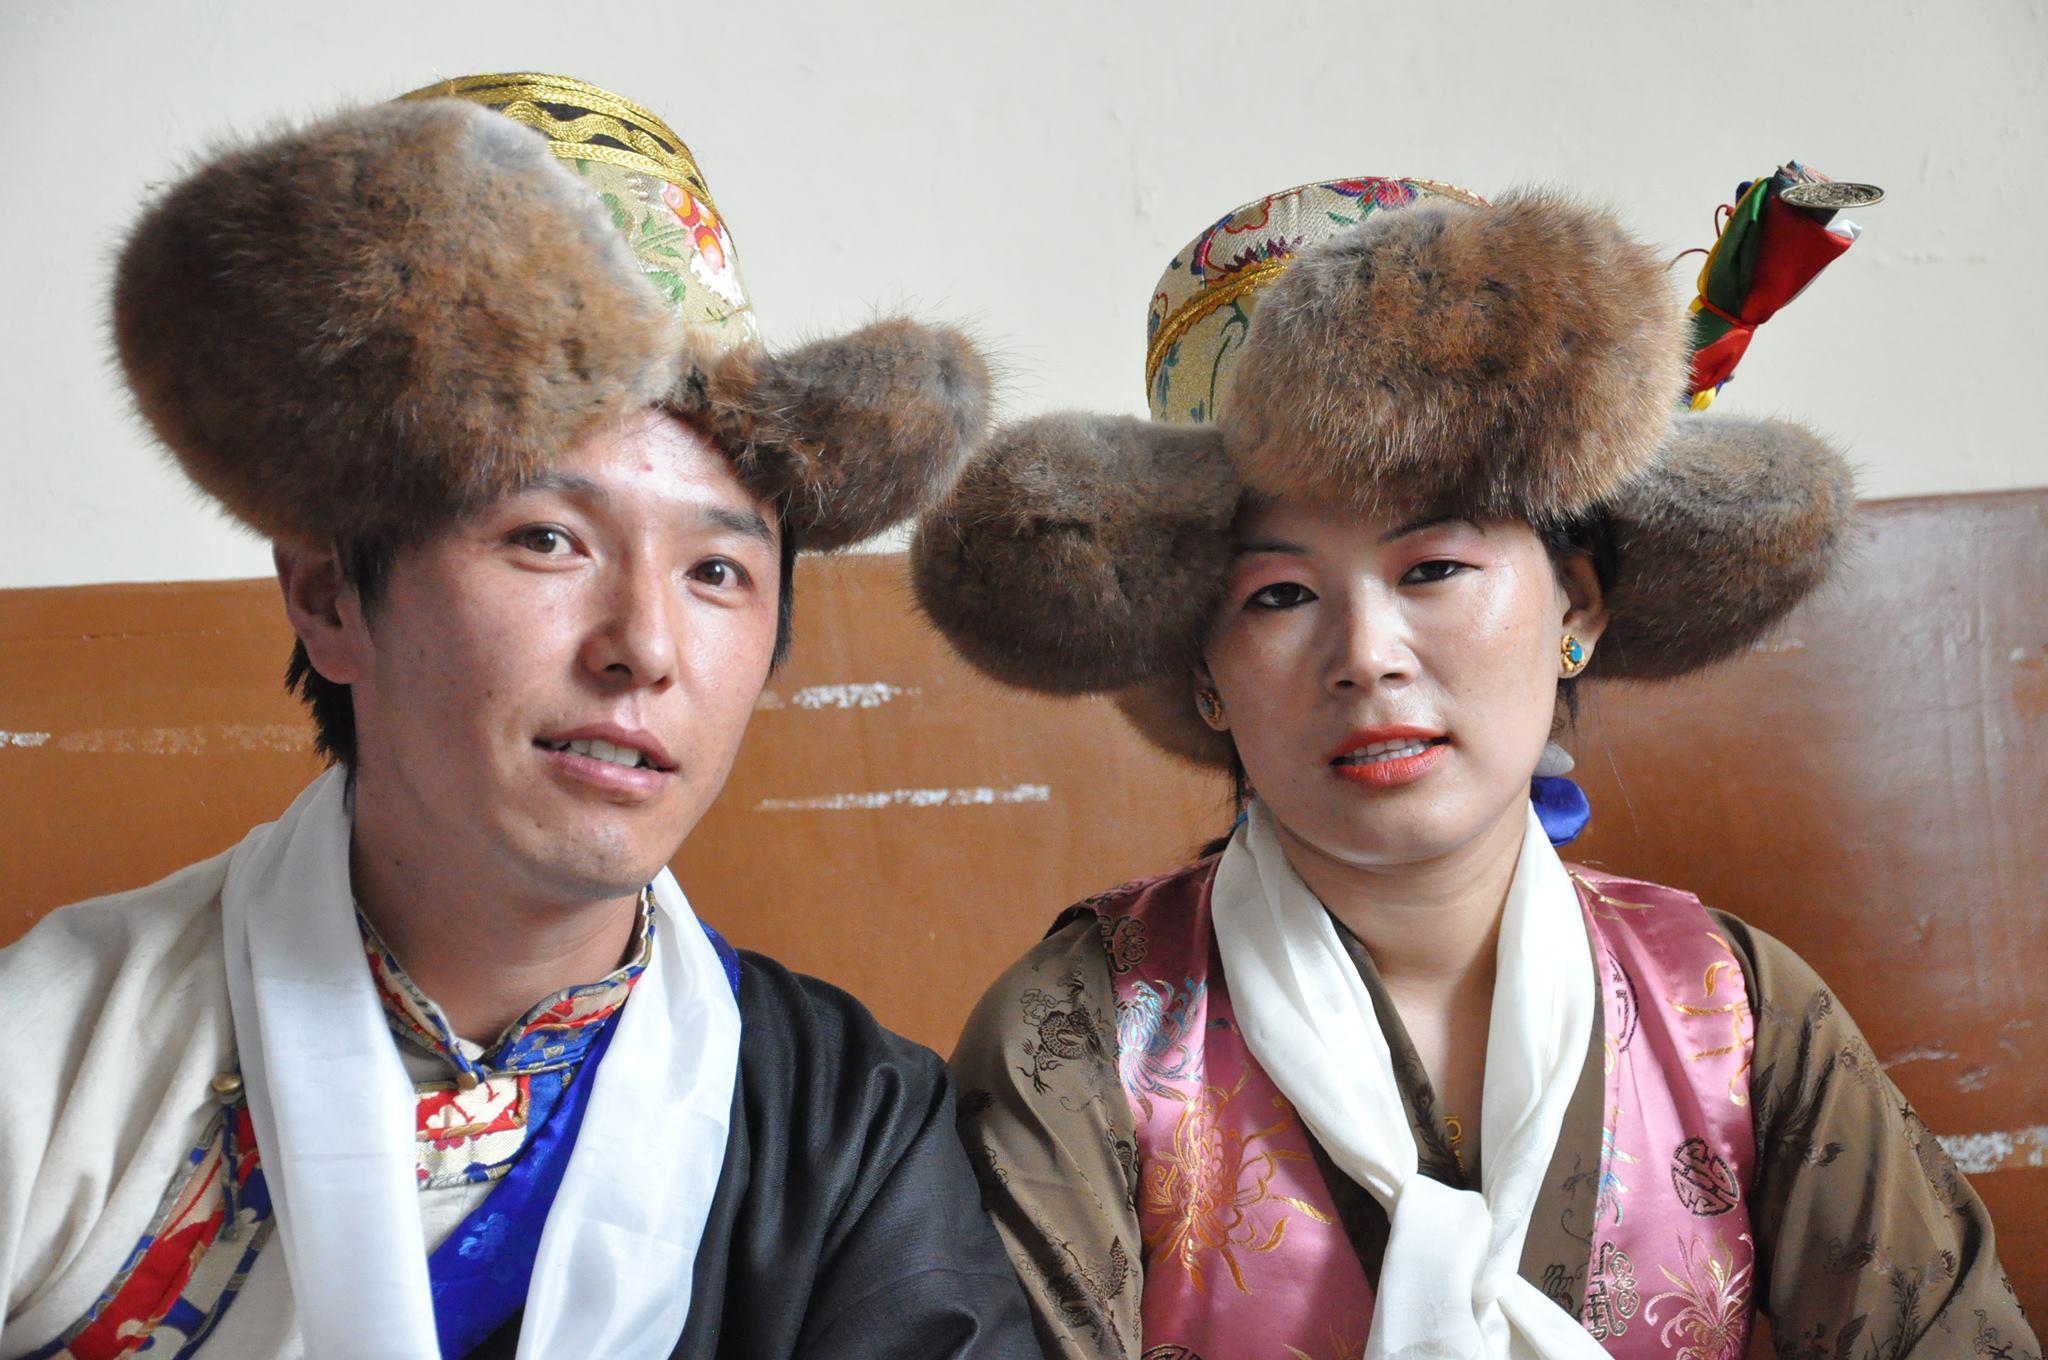 Mr. Thinley Umawa with his wife Tsering Choekyi Umawa at their wedding day.